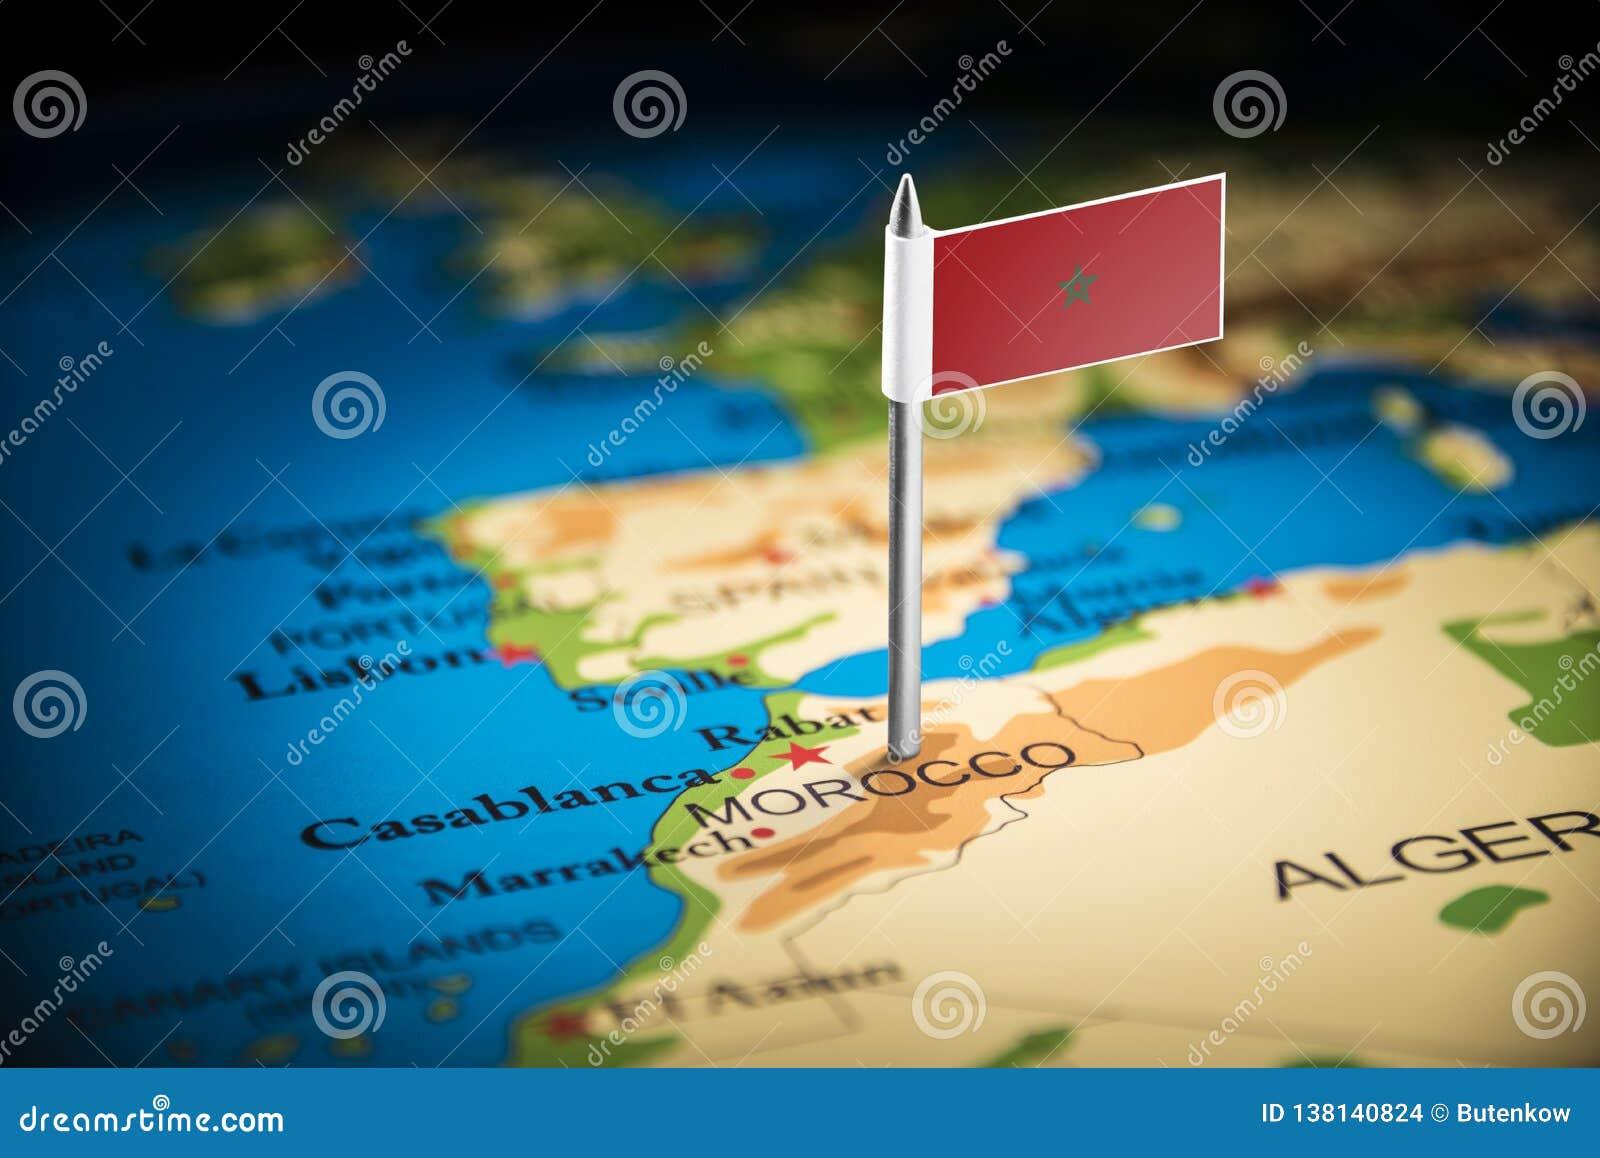 Marruecos marcó con una bandera en el mapa